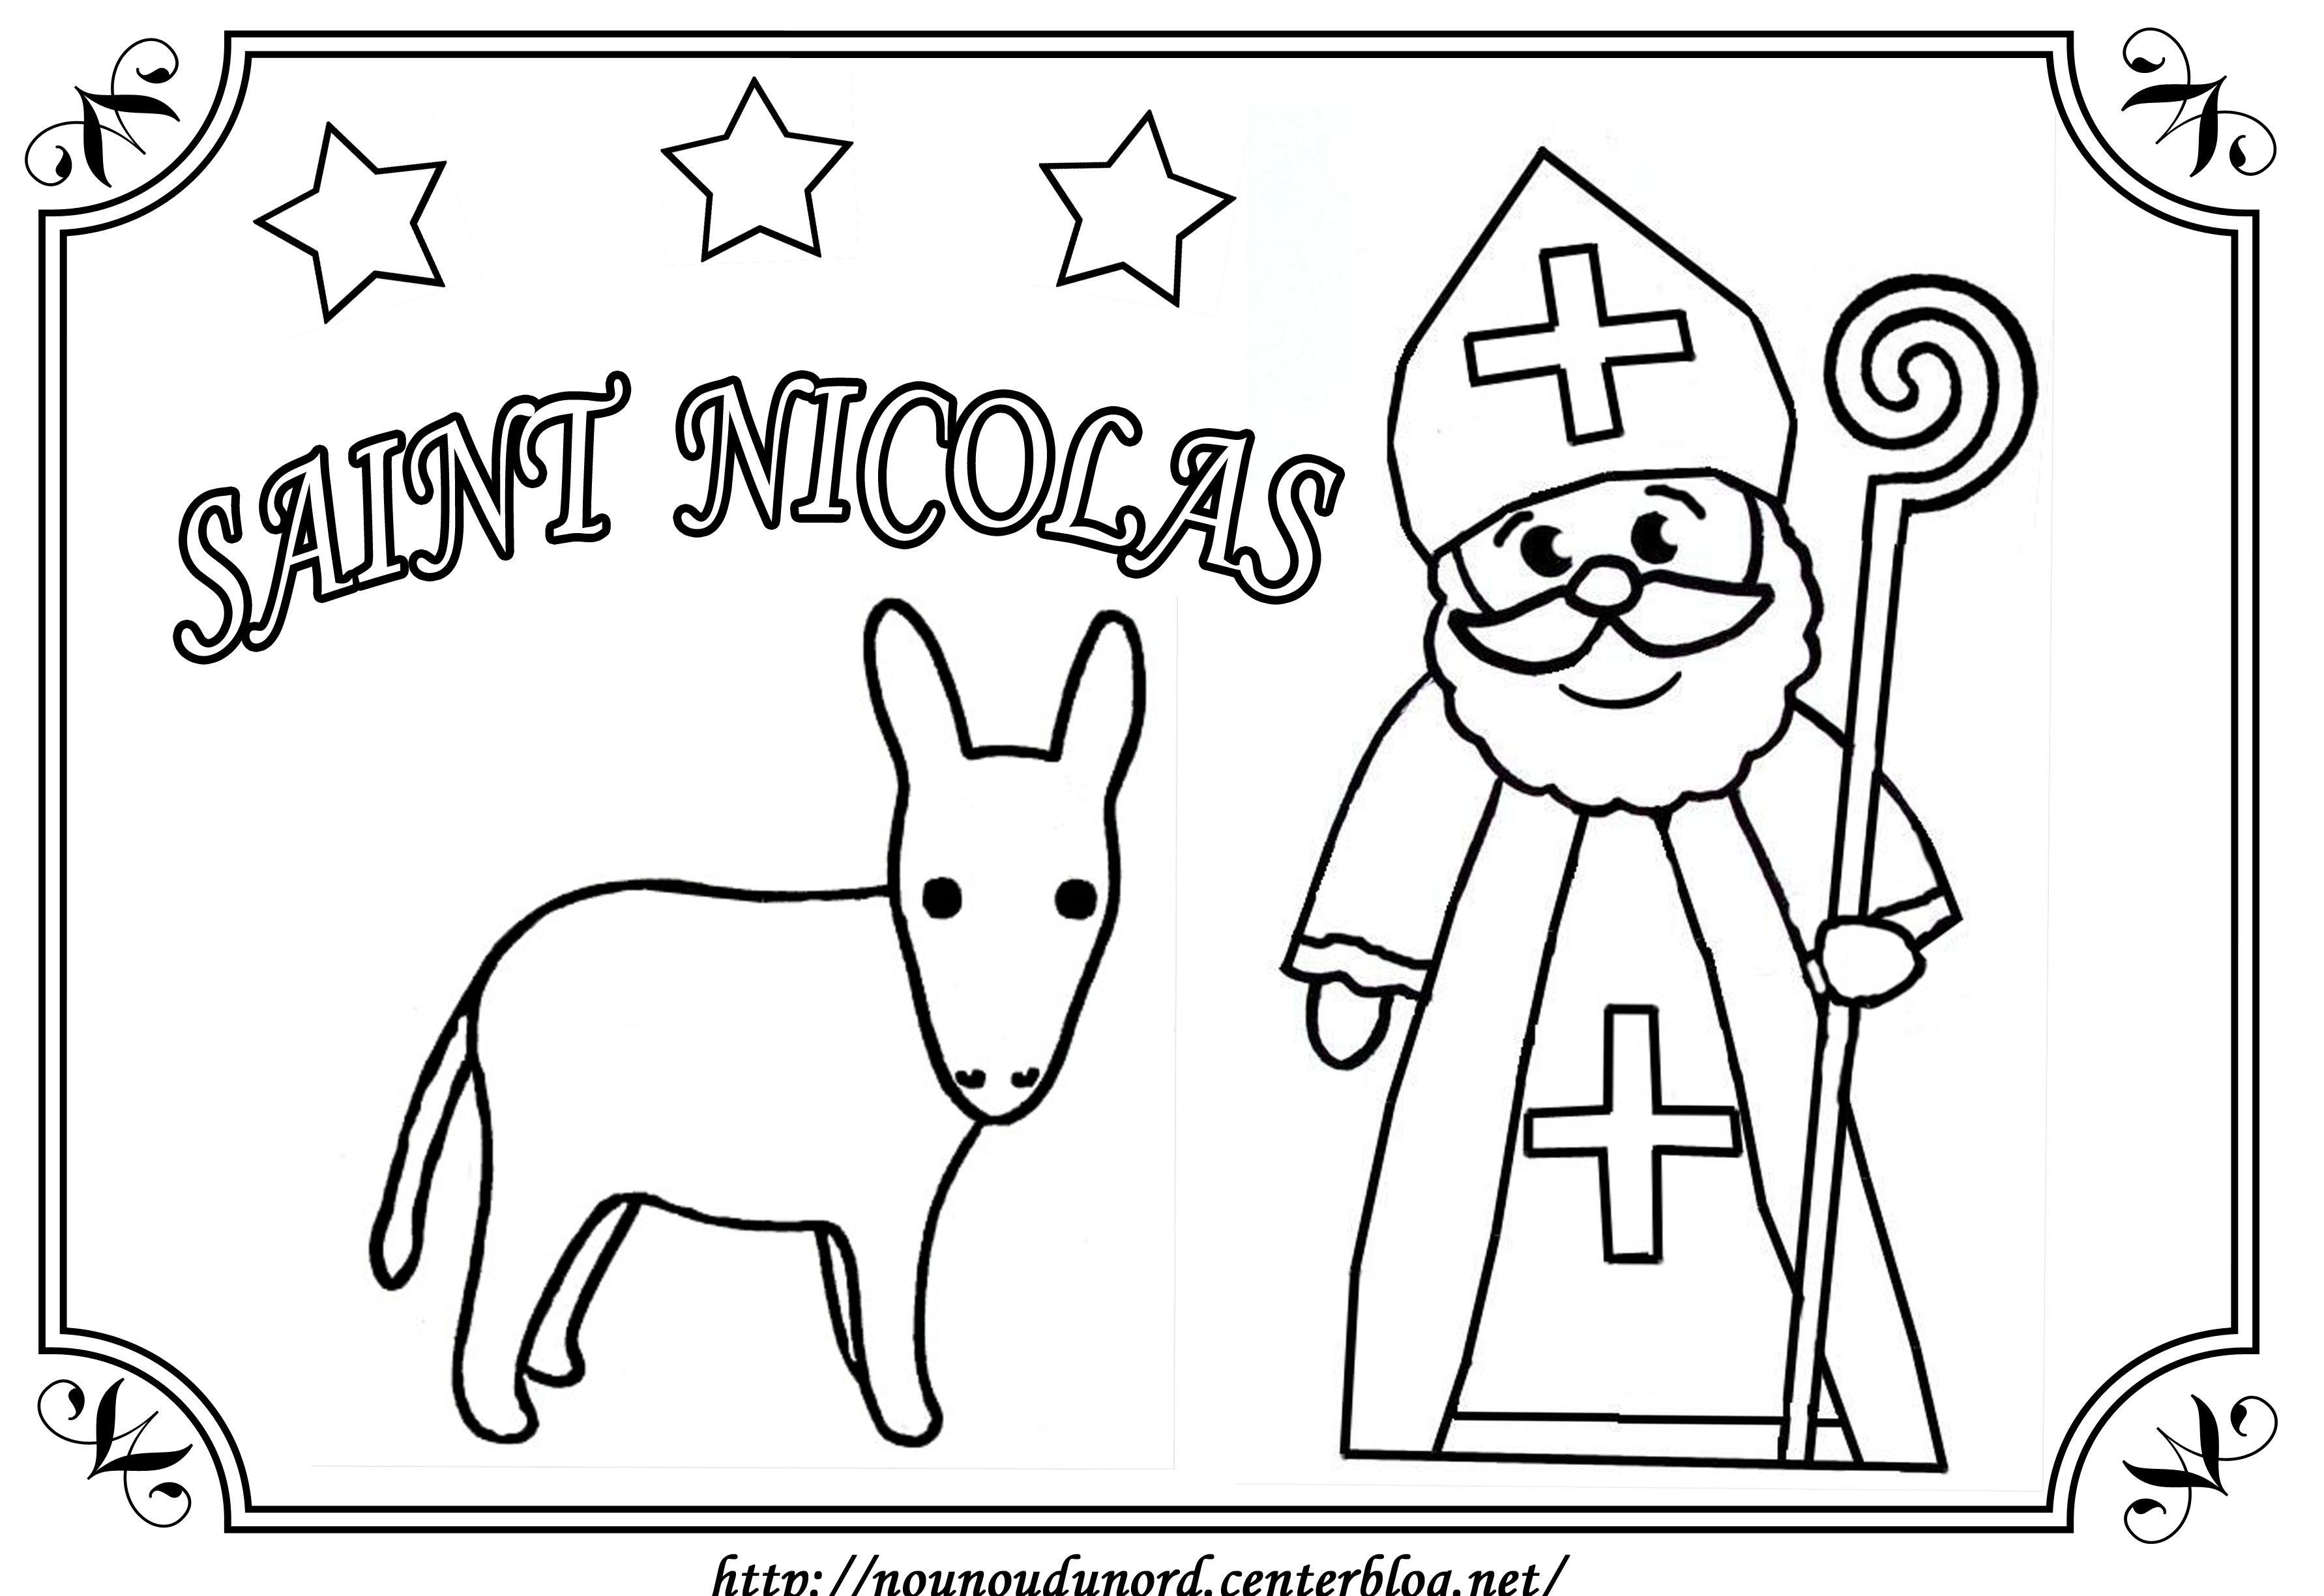 Coloriage Saint Nicolas Et Son âne Dessiné Par Nounoudunord